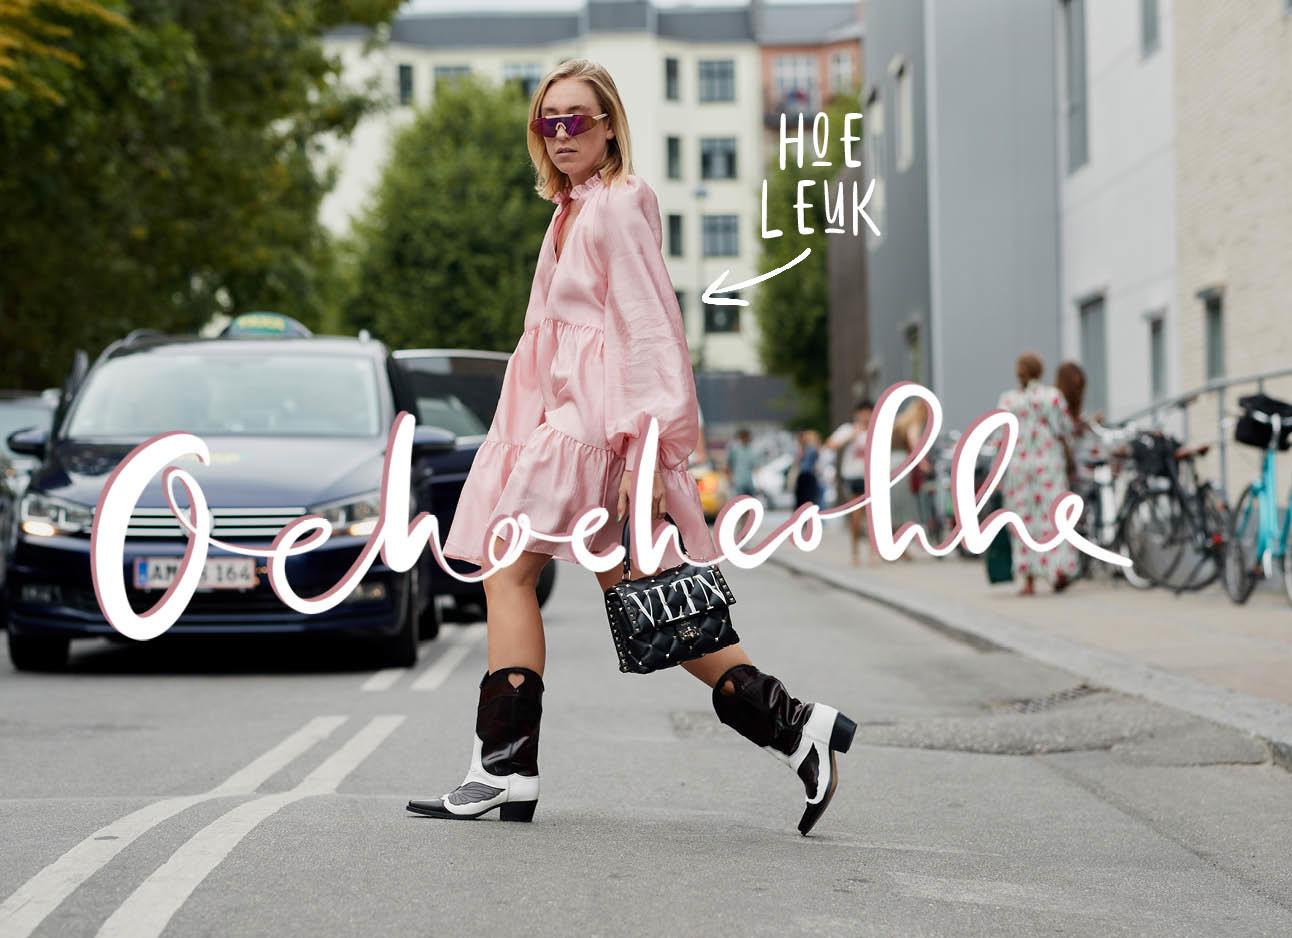 Meisje dat de straat oversteekt, ze draagt zwart met witte cowboy boots. ze draagt een roze tent jurk en achter haar lopen mensen en staan auto's